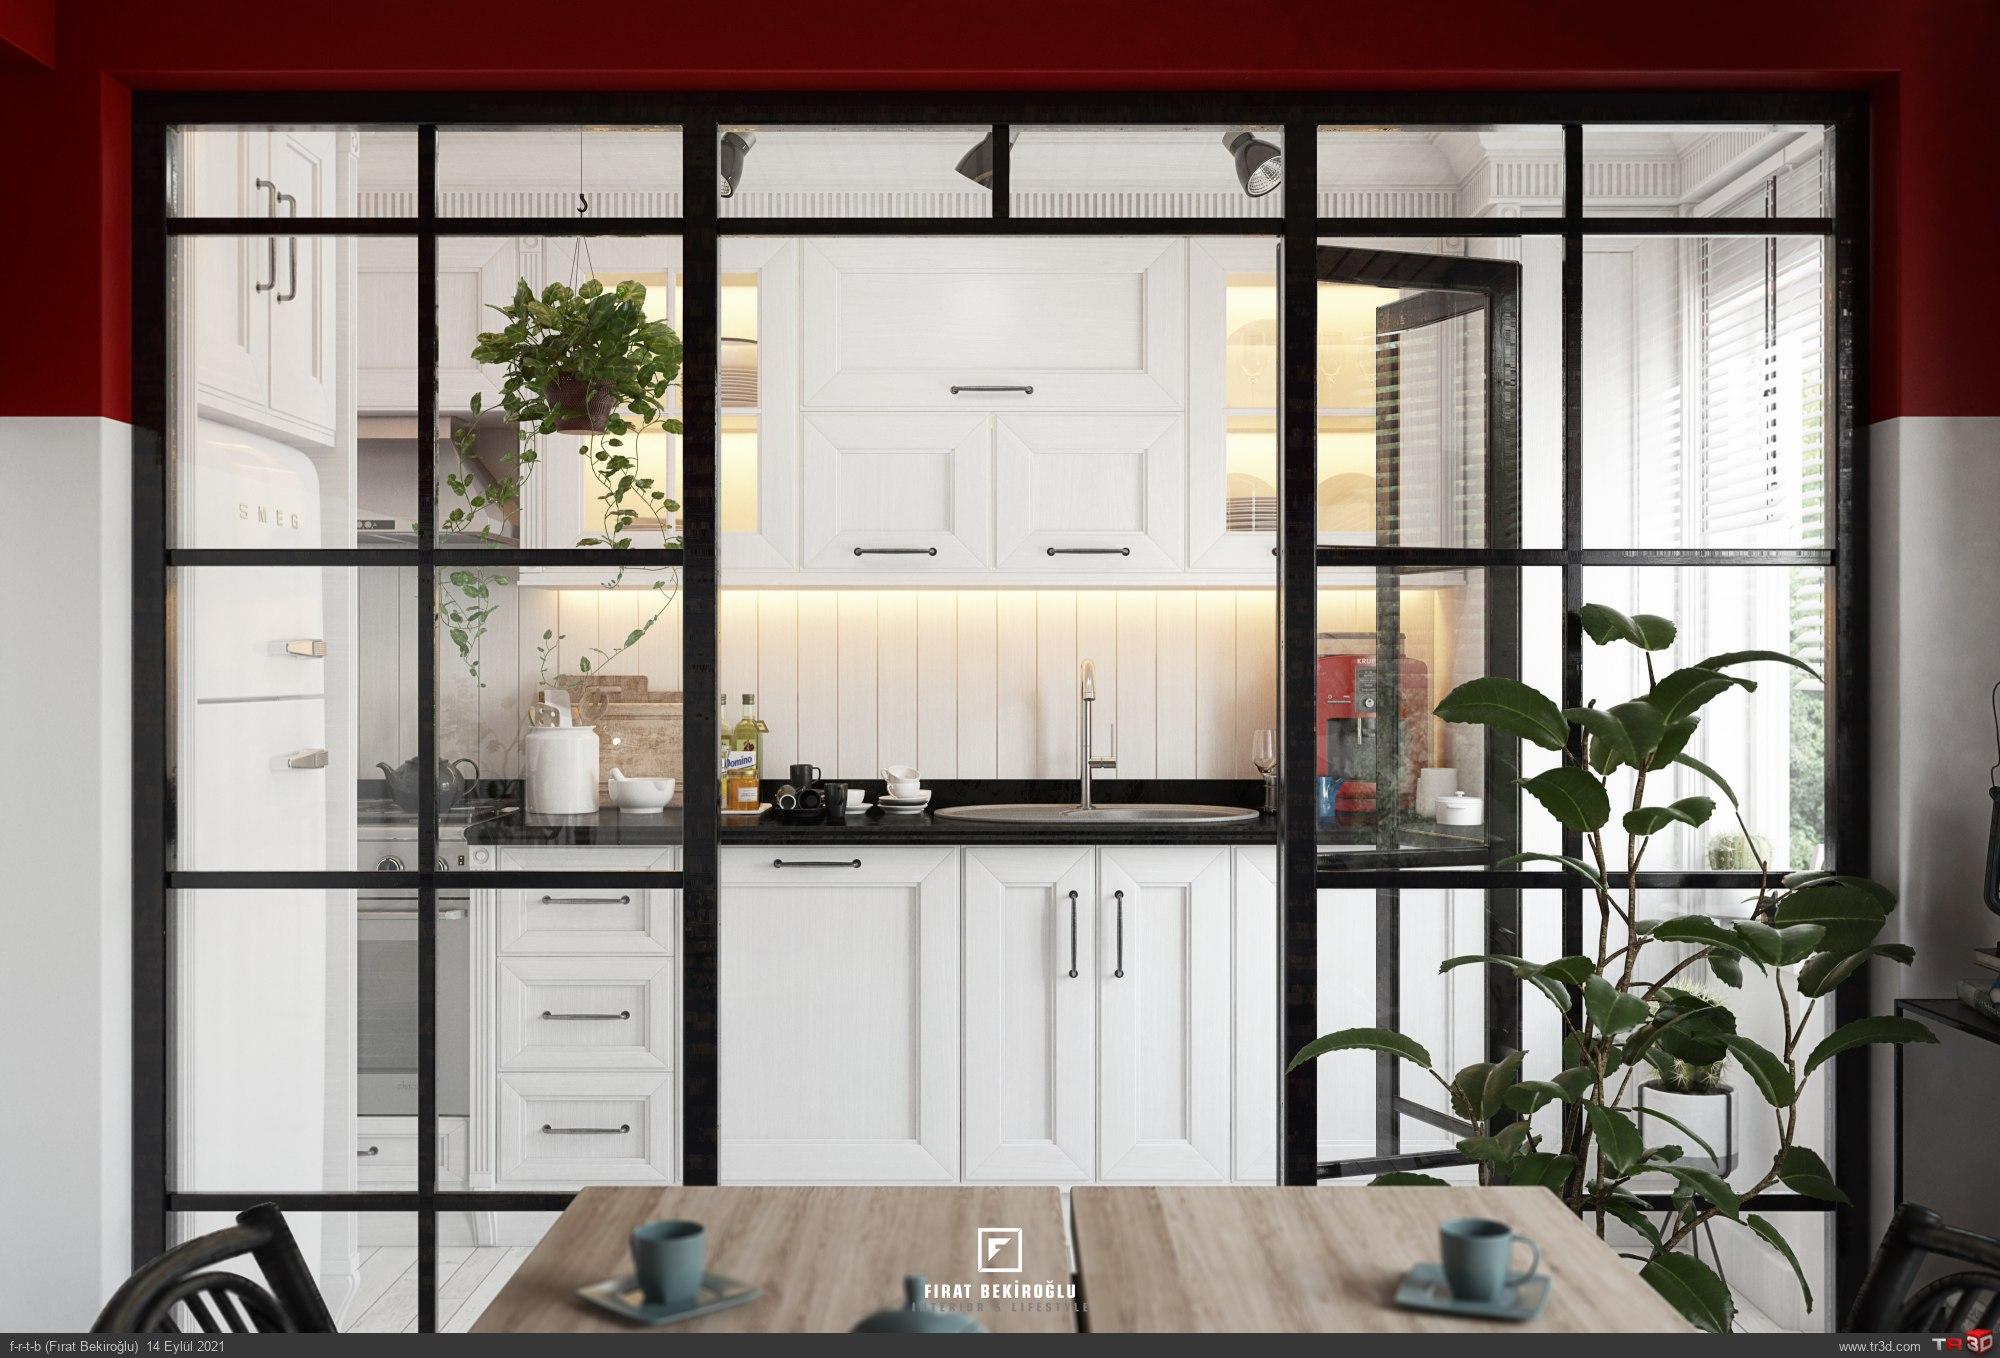 Ofis Mutfak Tasarımı 1